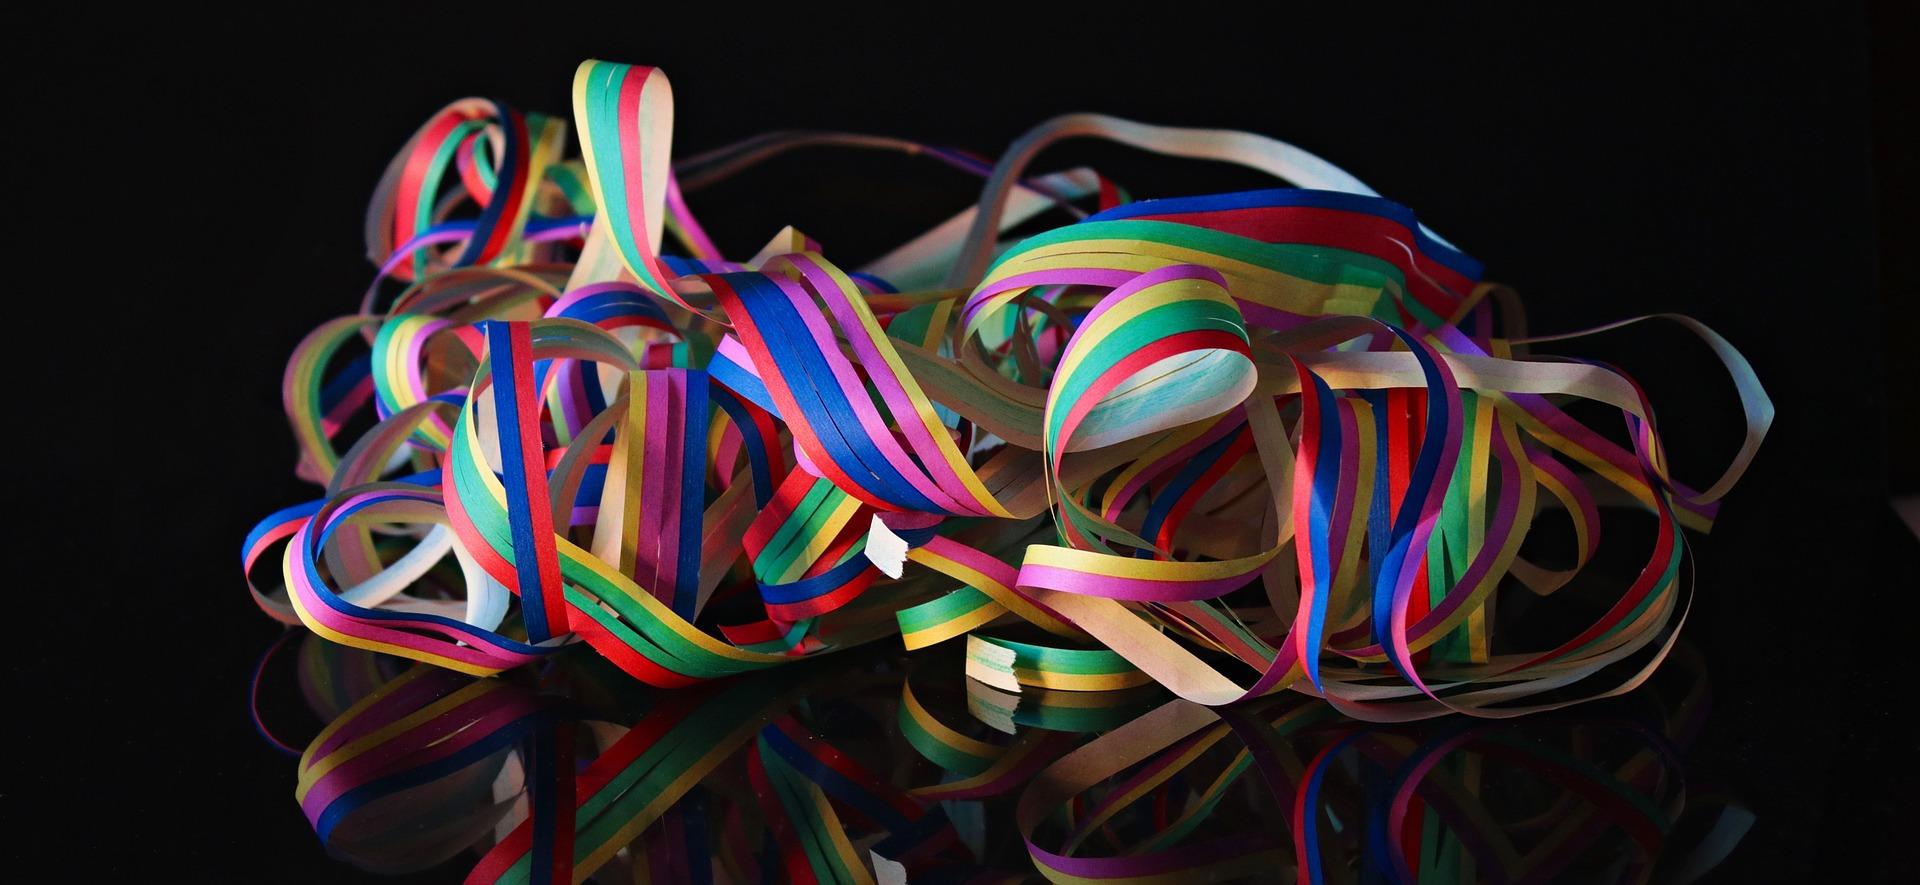 Solo i colori